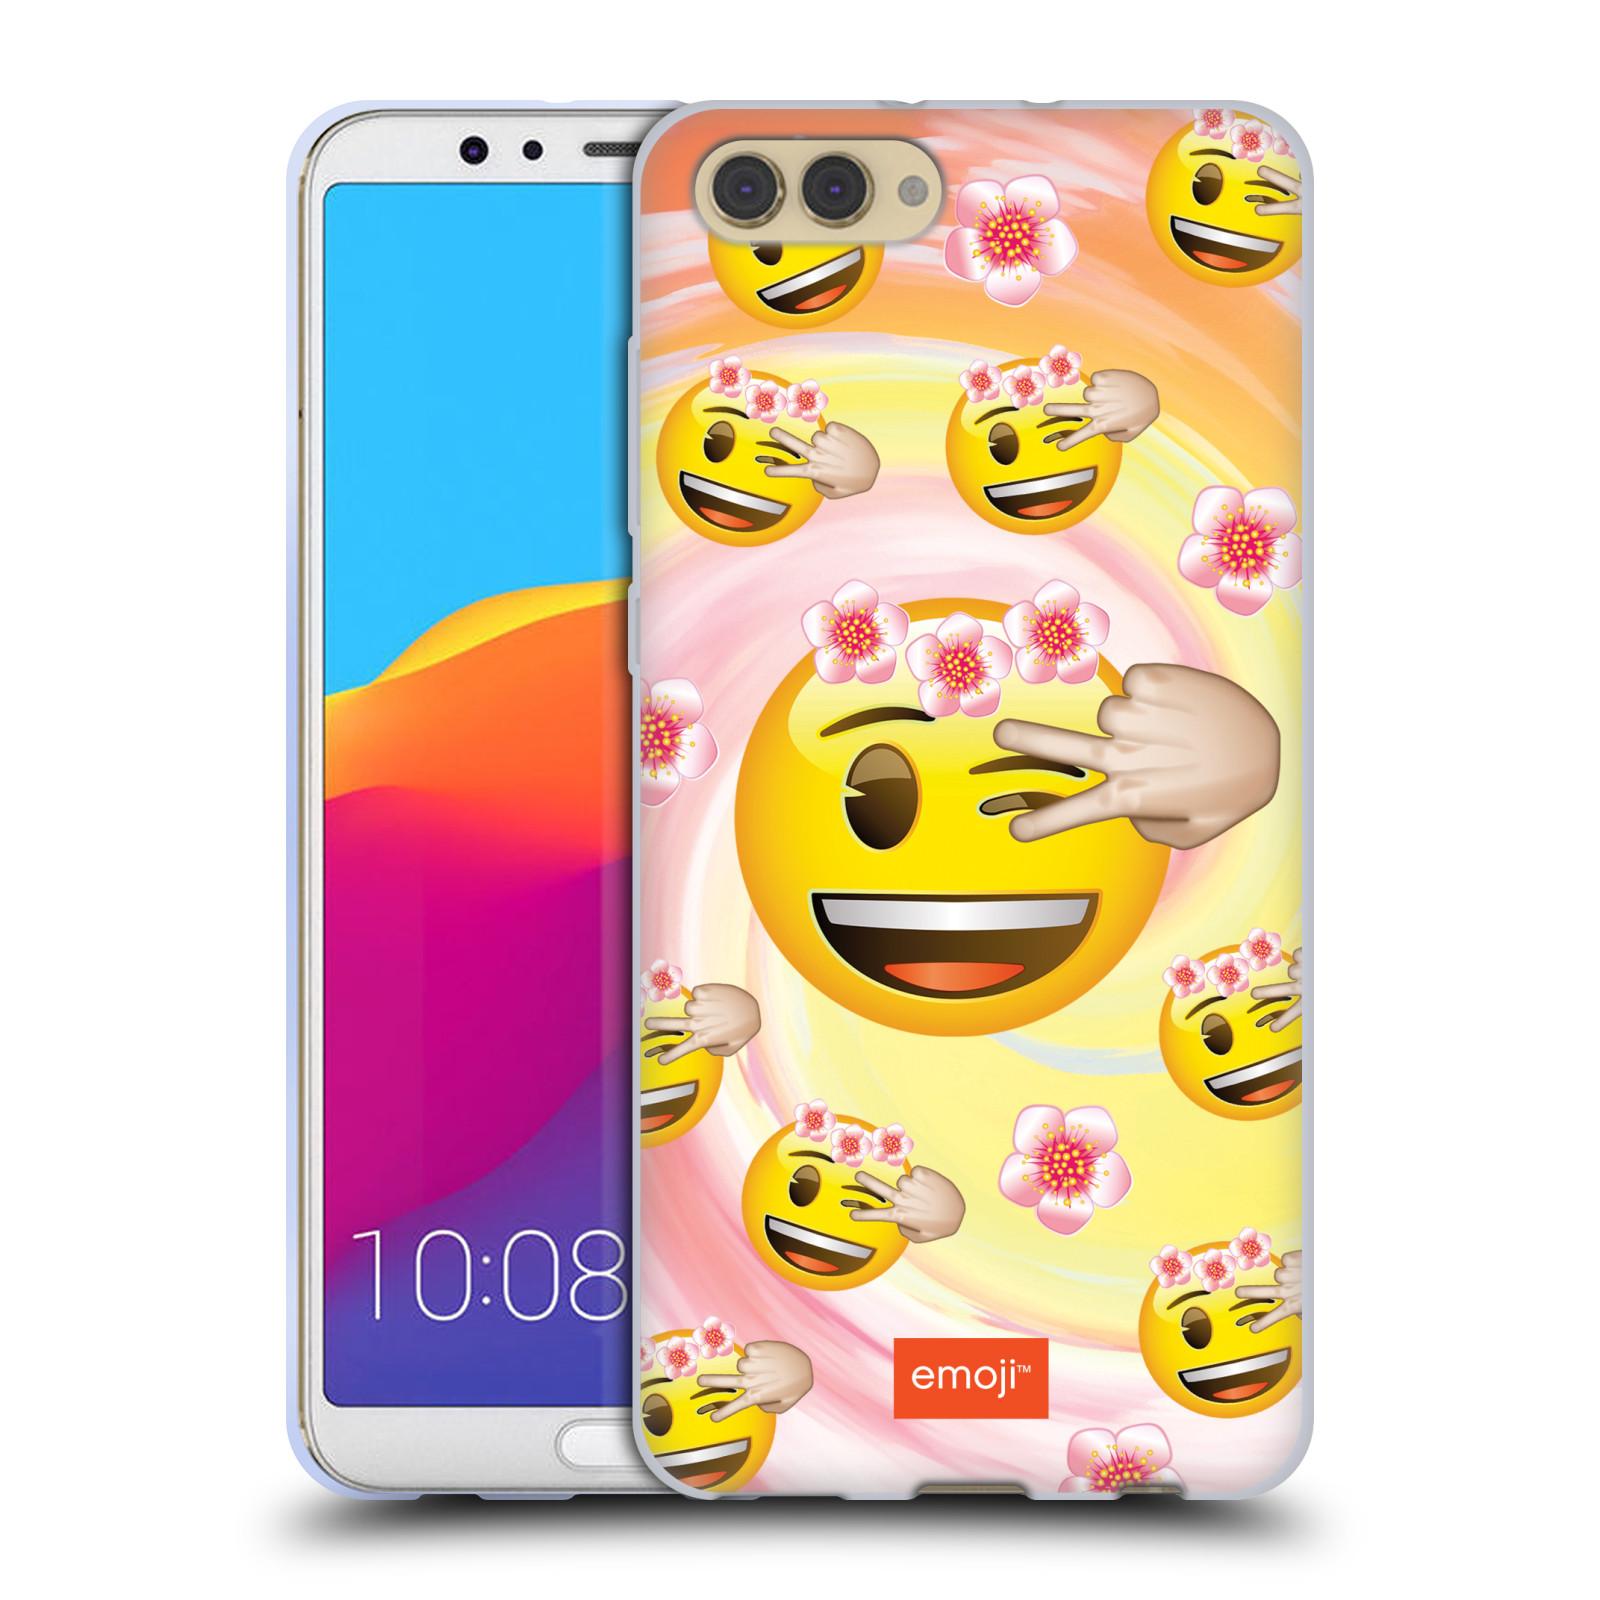 HEAD CASE silikonový obal na mobil Huawei HONOR VIEW 10 / V10 smajlík oficiální kryt EMOJI velký smajlík květiny věneček